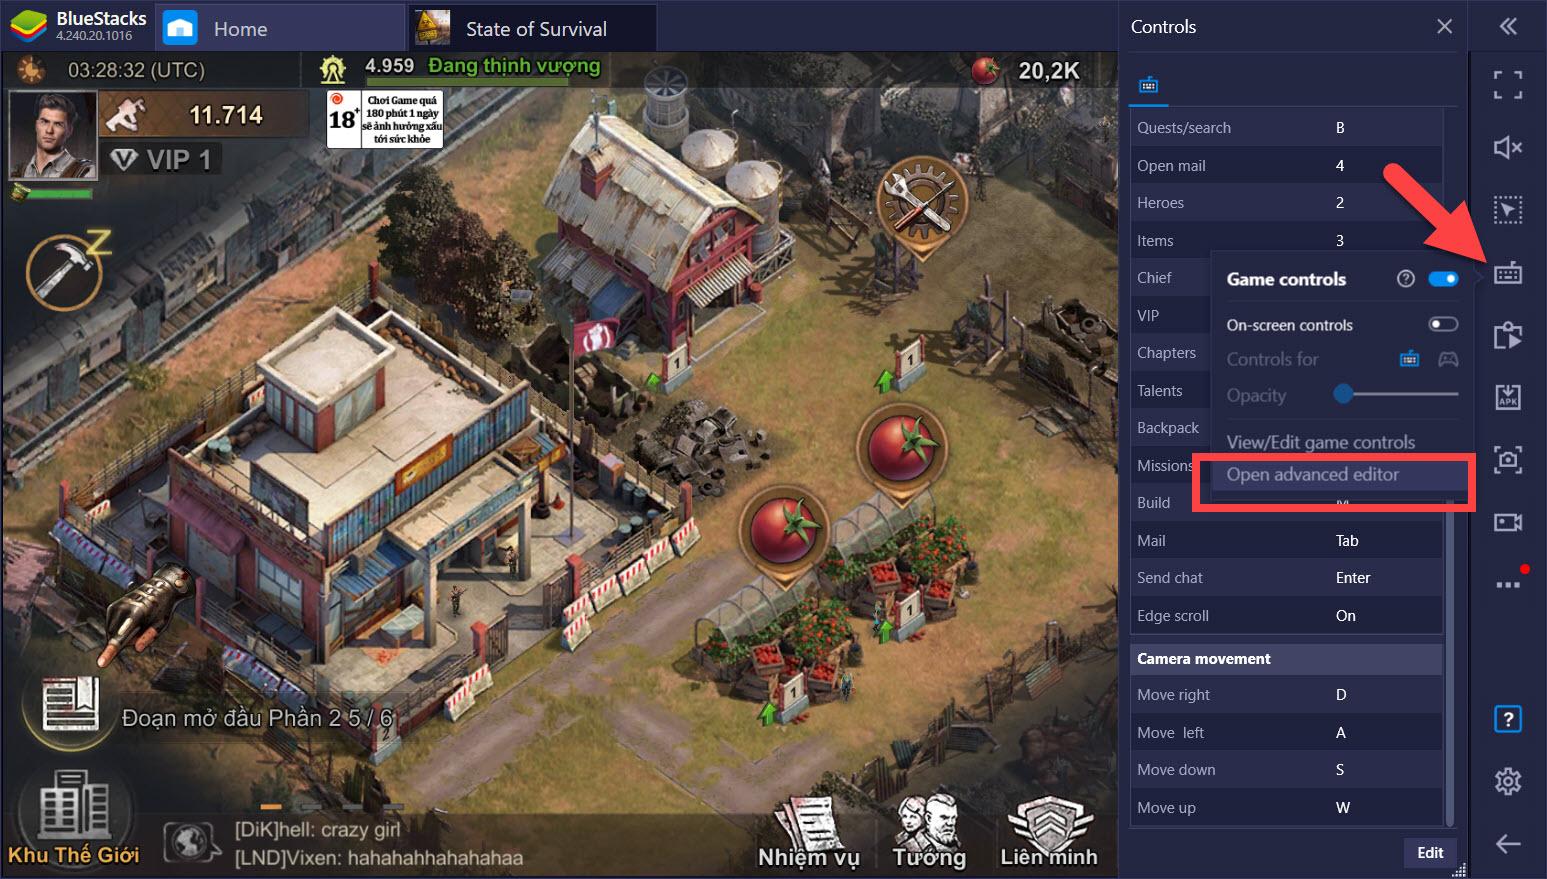 Lợi ích từ Game Controls khi chơi State of Survival với BlueStacks trên PC